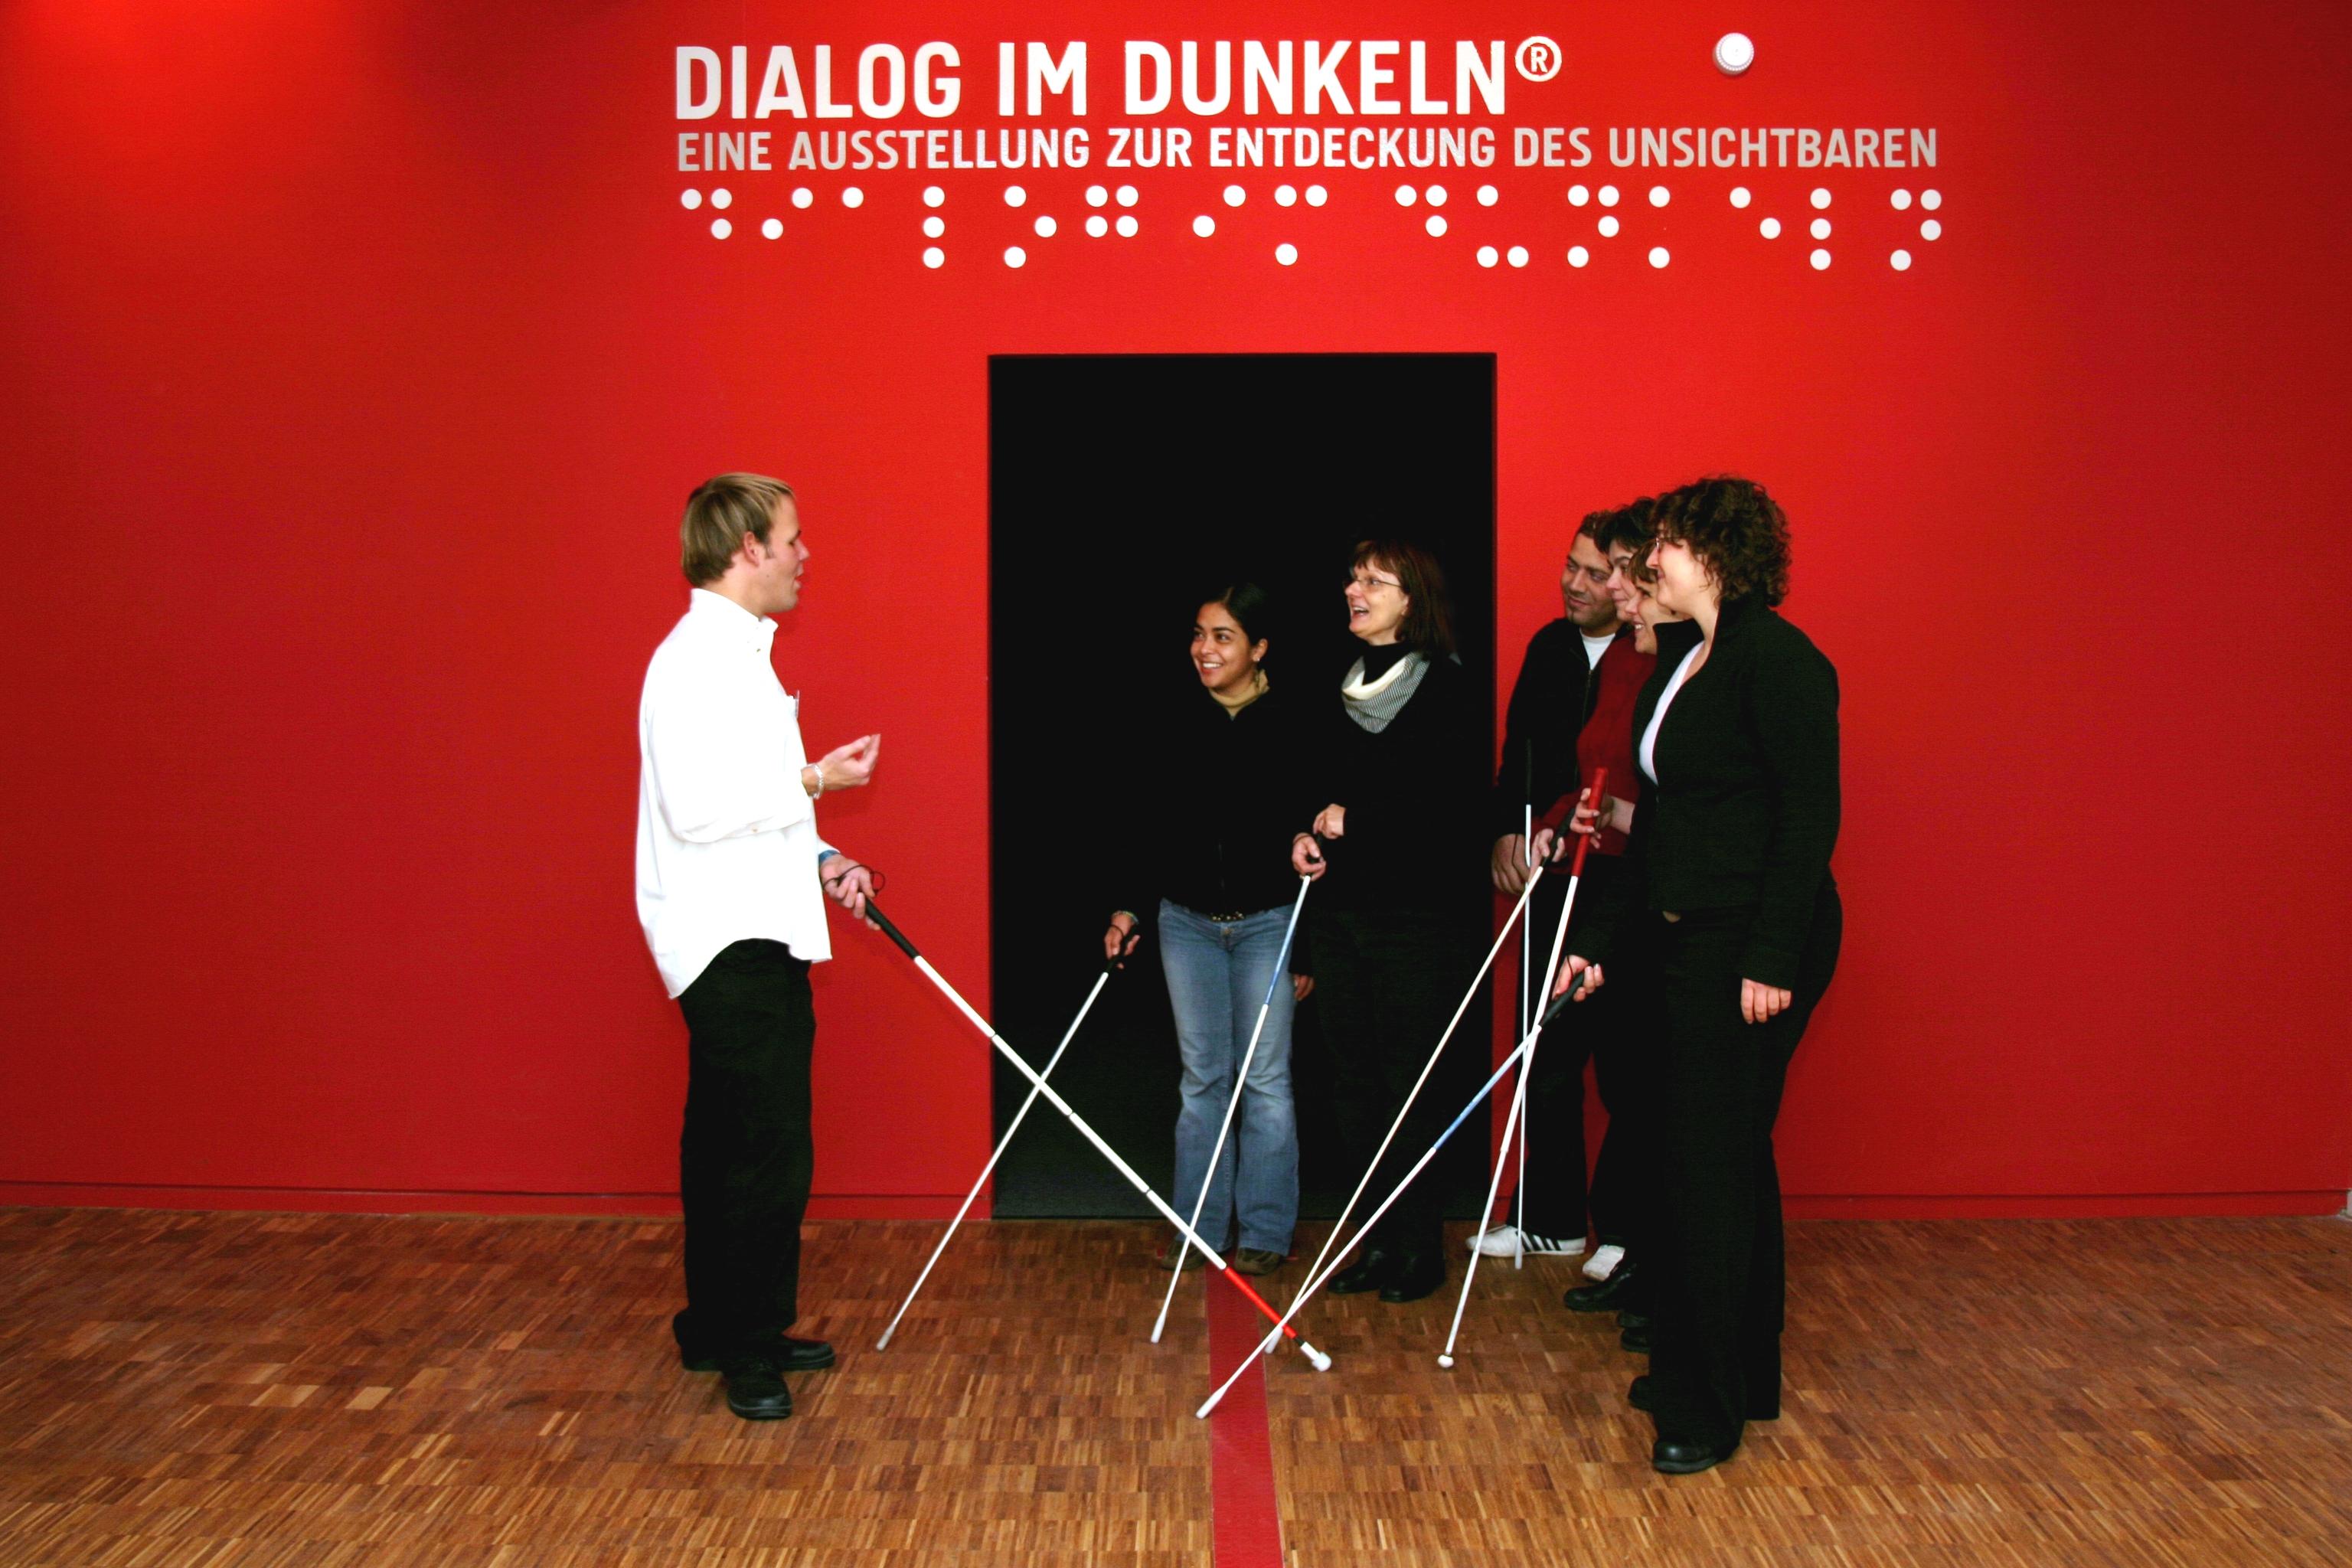 Einweisung-in-Dialog-im-Dunkeln_Juergen-Roehrscheidt